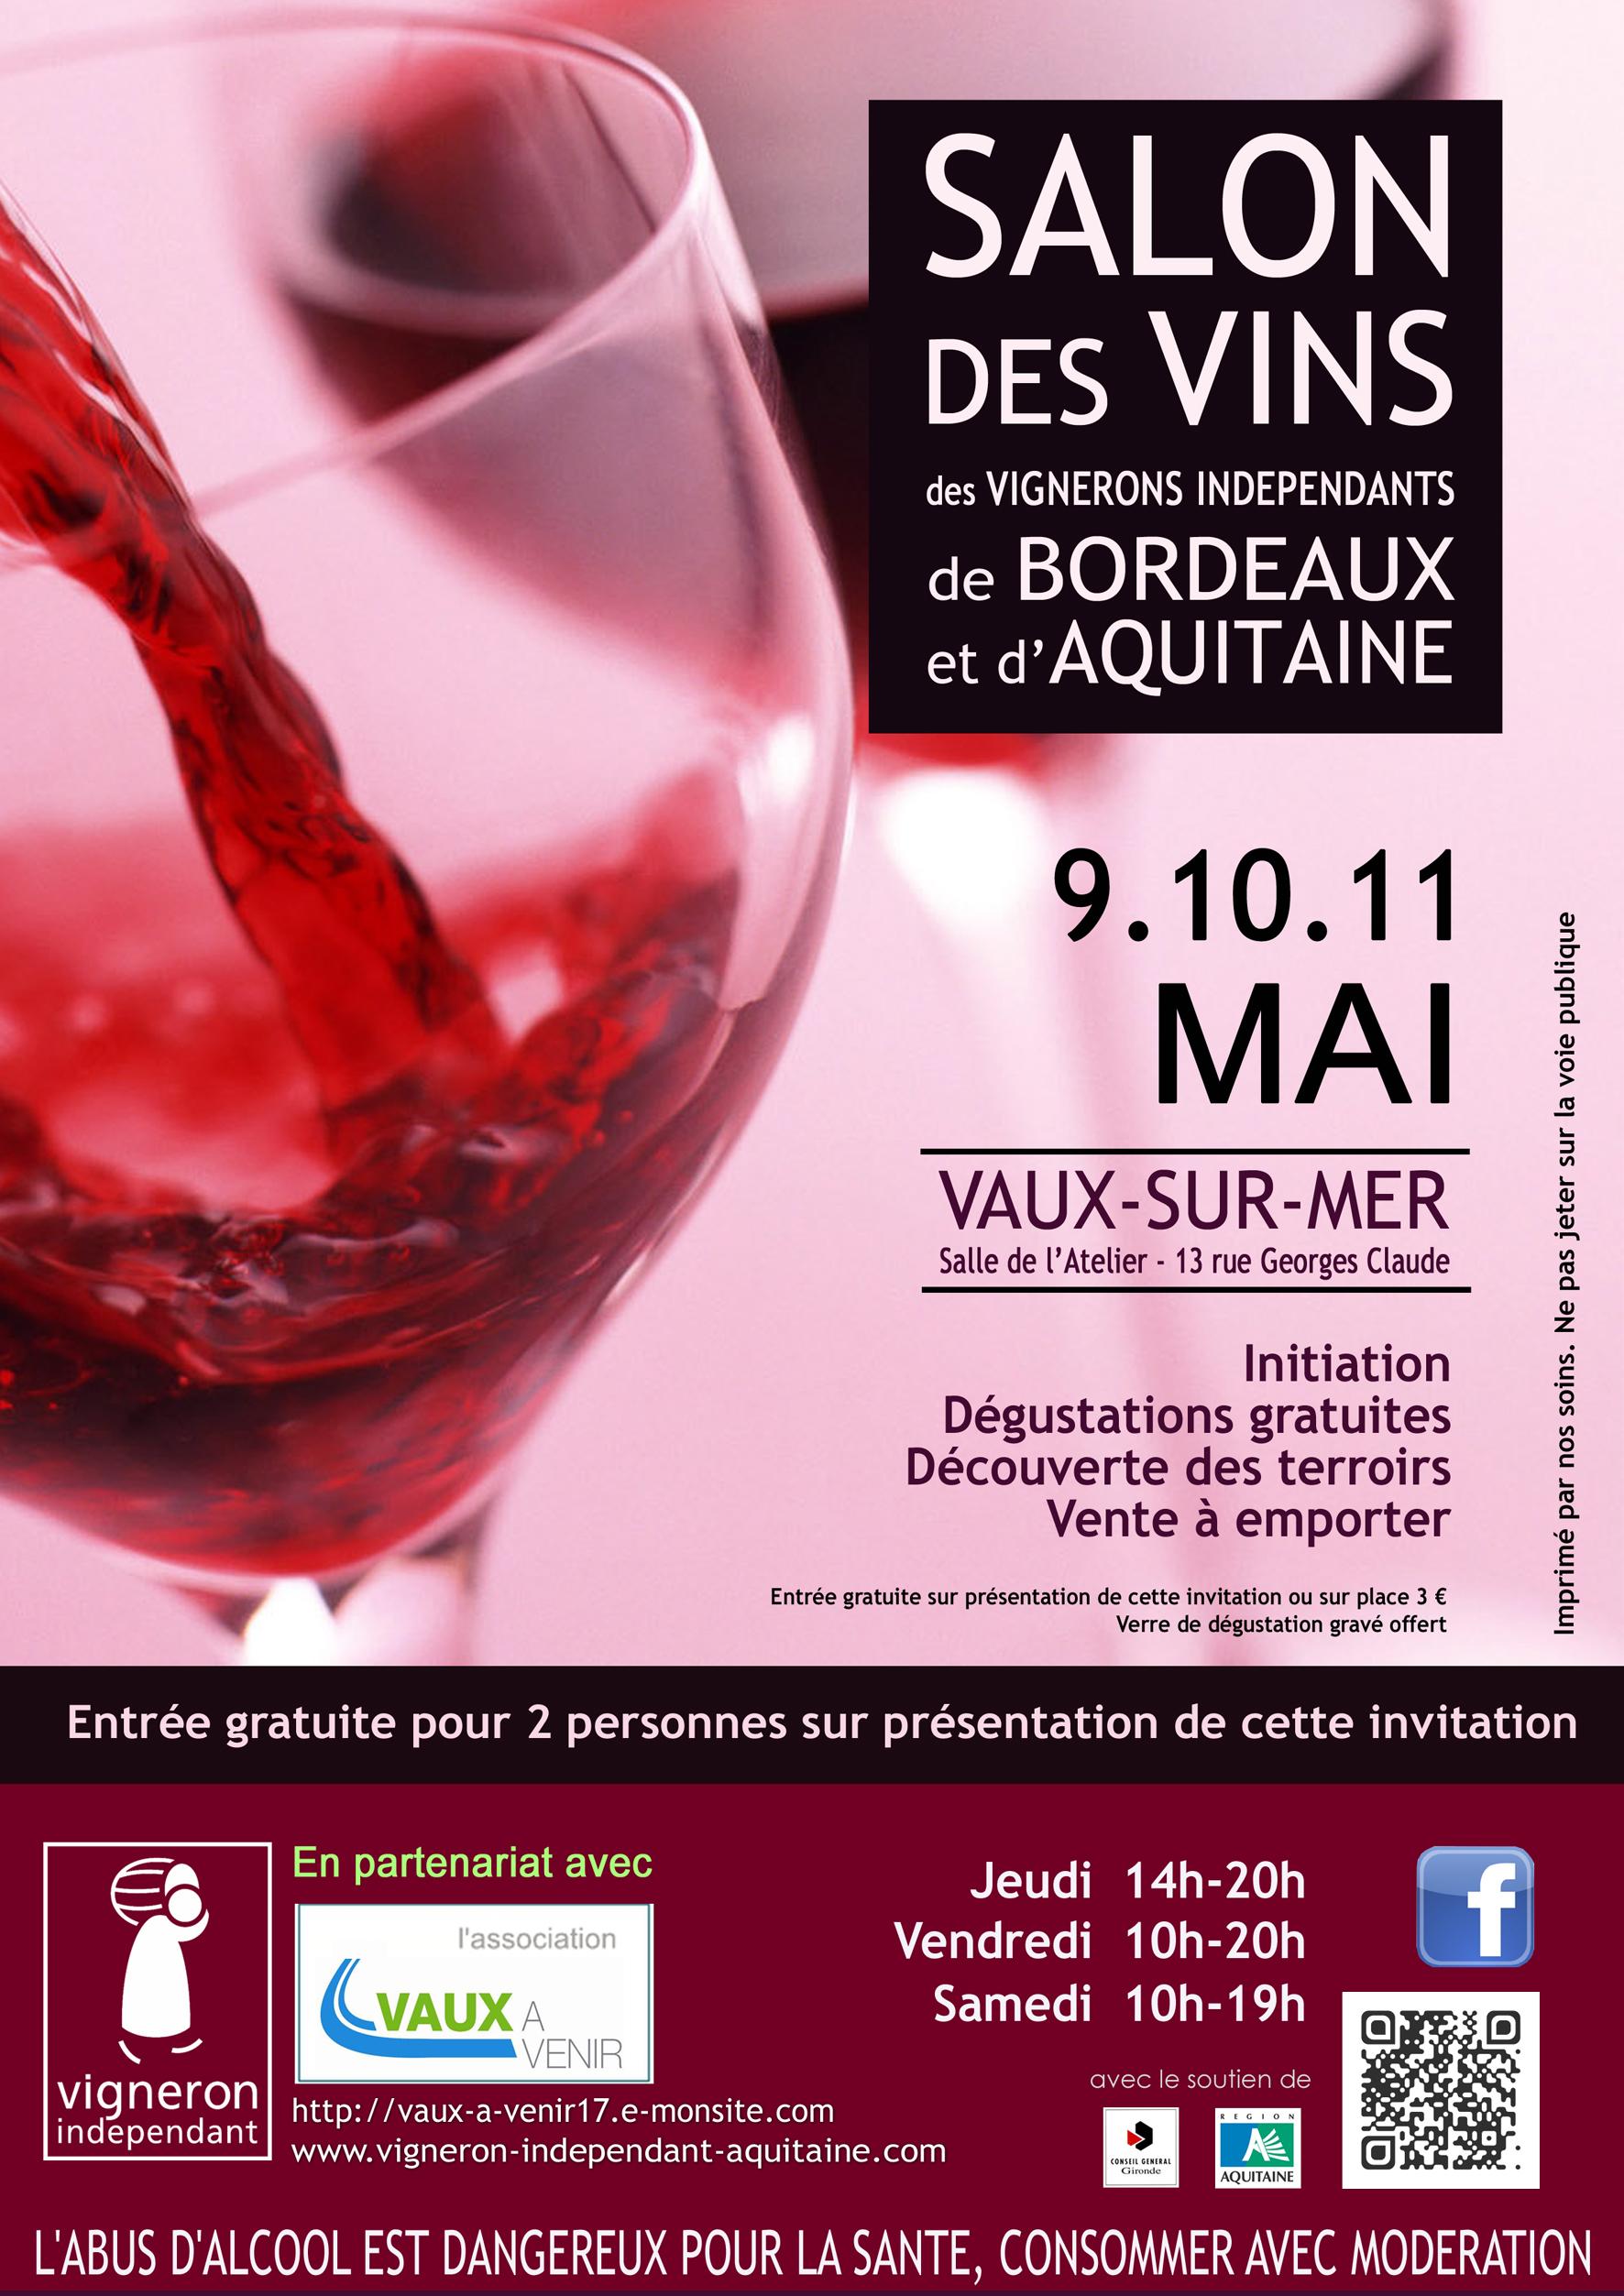 Salon des vins 2013 - Salon des vins bordeaux ...